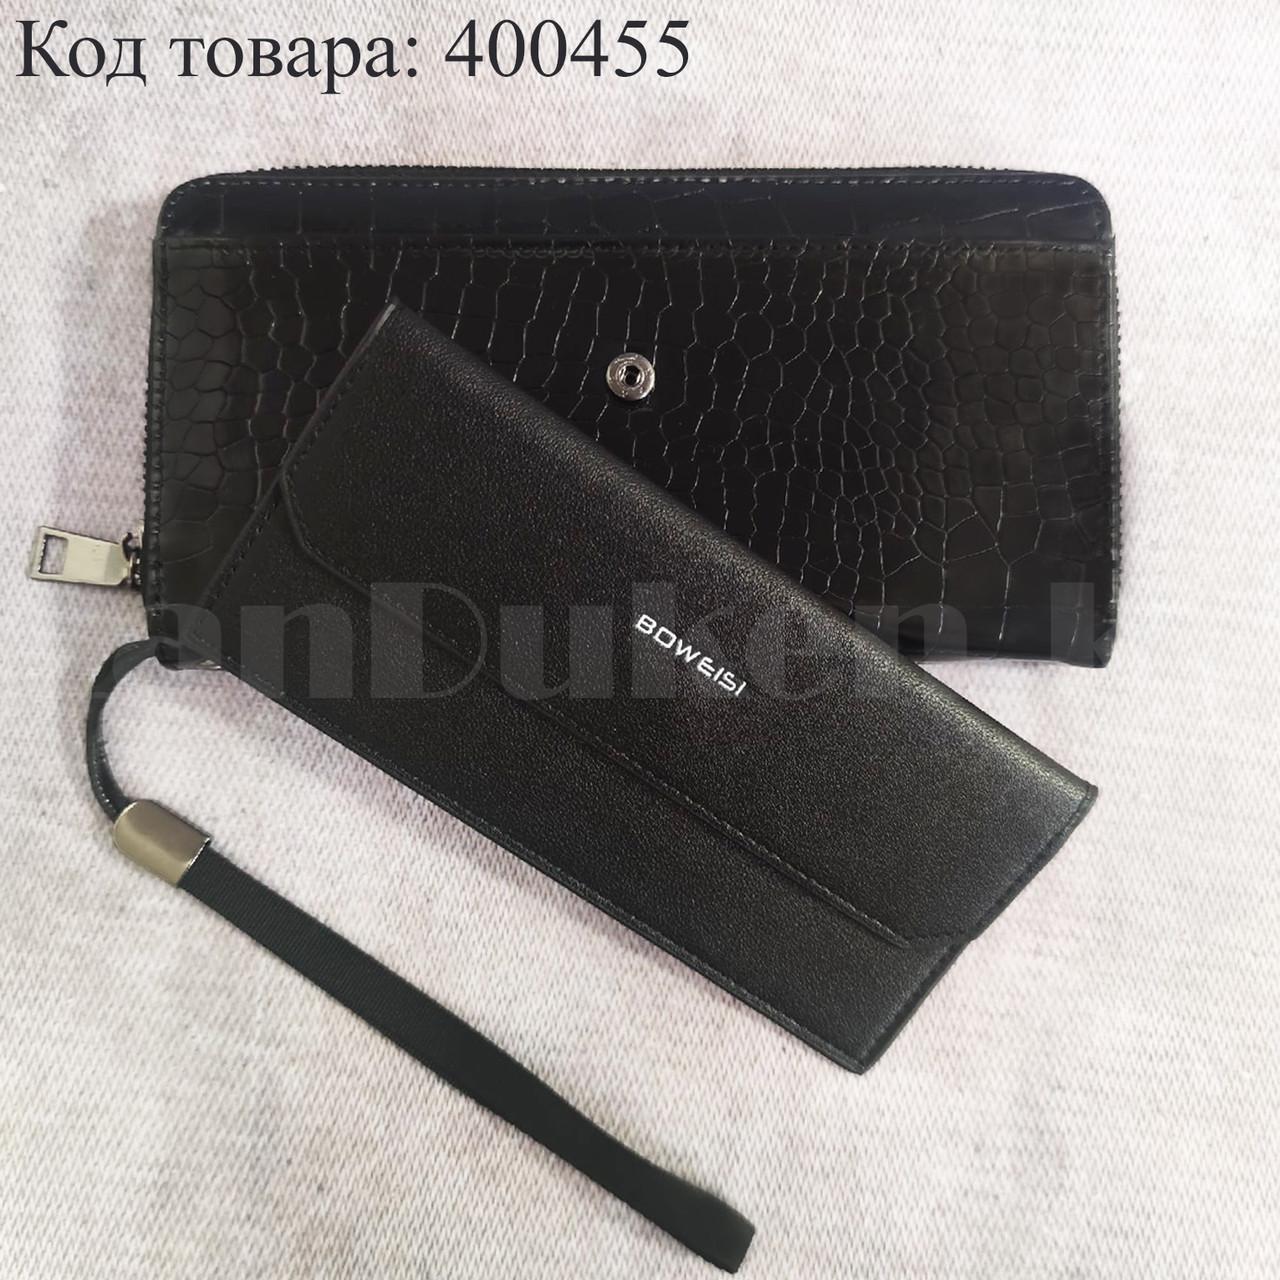 Портмоне со съемной визитницей кошелек кожаный черный 341 - фото 1